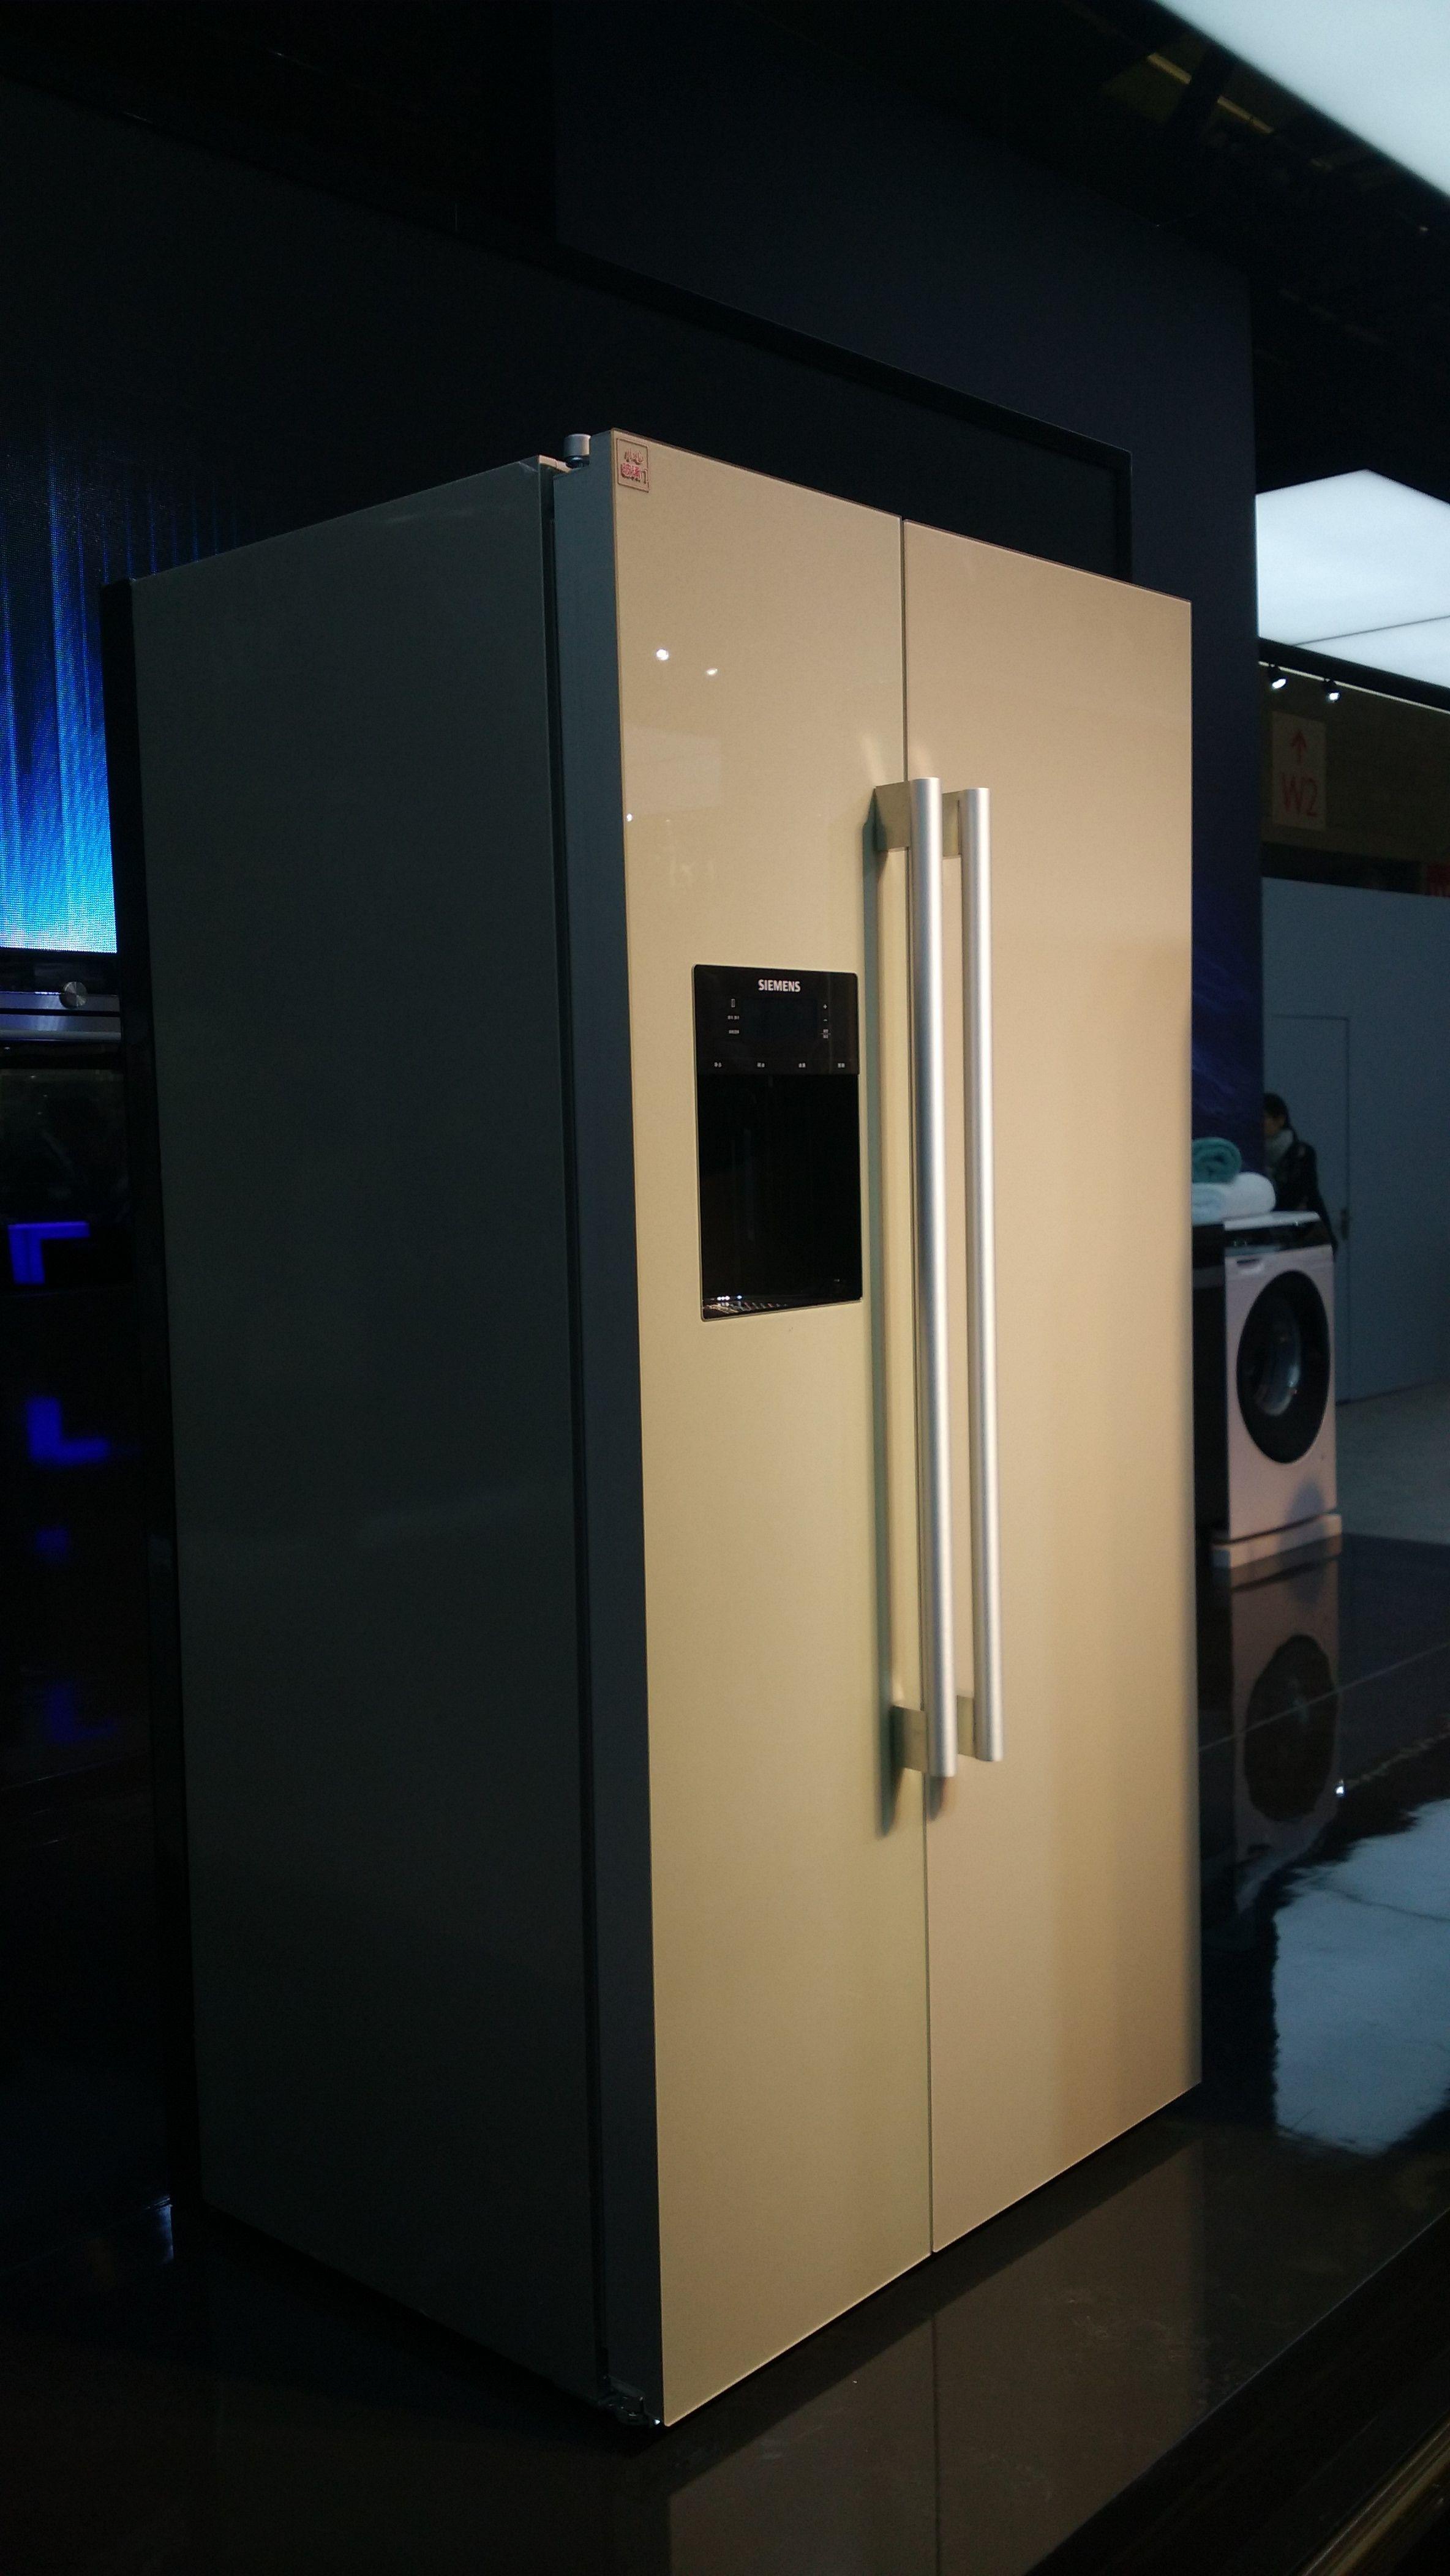 """西门子智拍冰箱还有独特的""""储鲜向导""""功能,用户可以查找解析各种食材的营养价值和卡路里含量,并了解其冰箱中适宜的存放温度和时间,帮助用户锁住新鲜。。"""